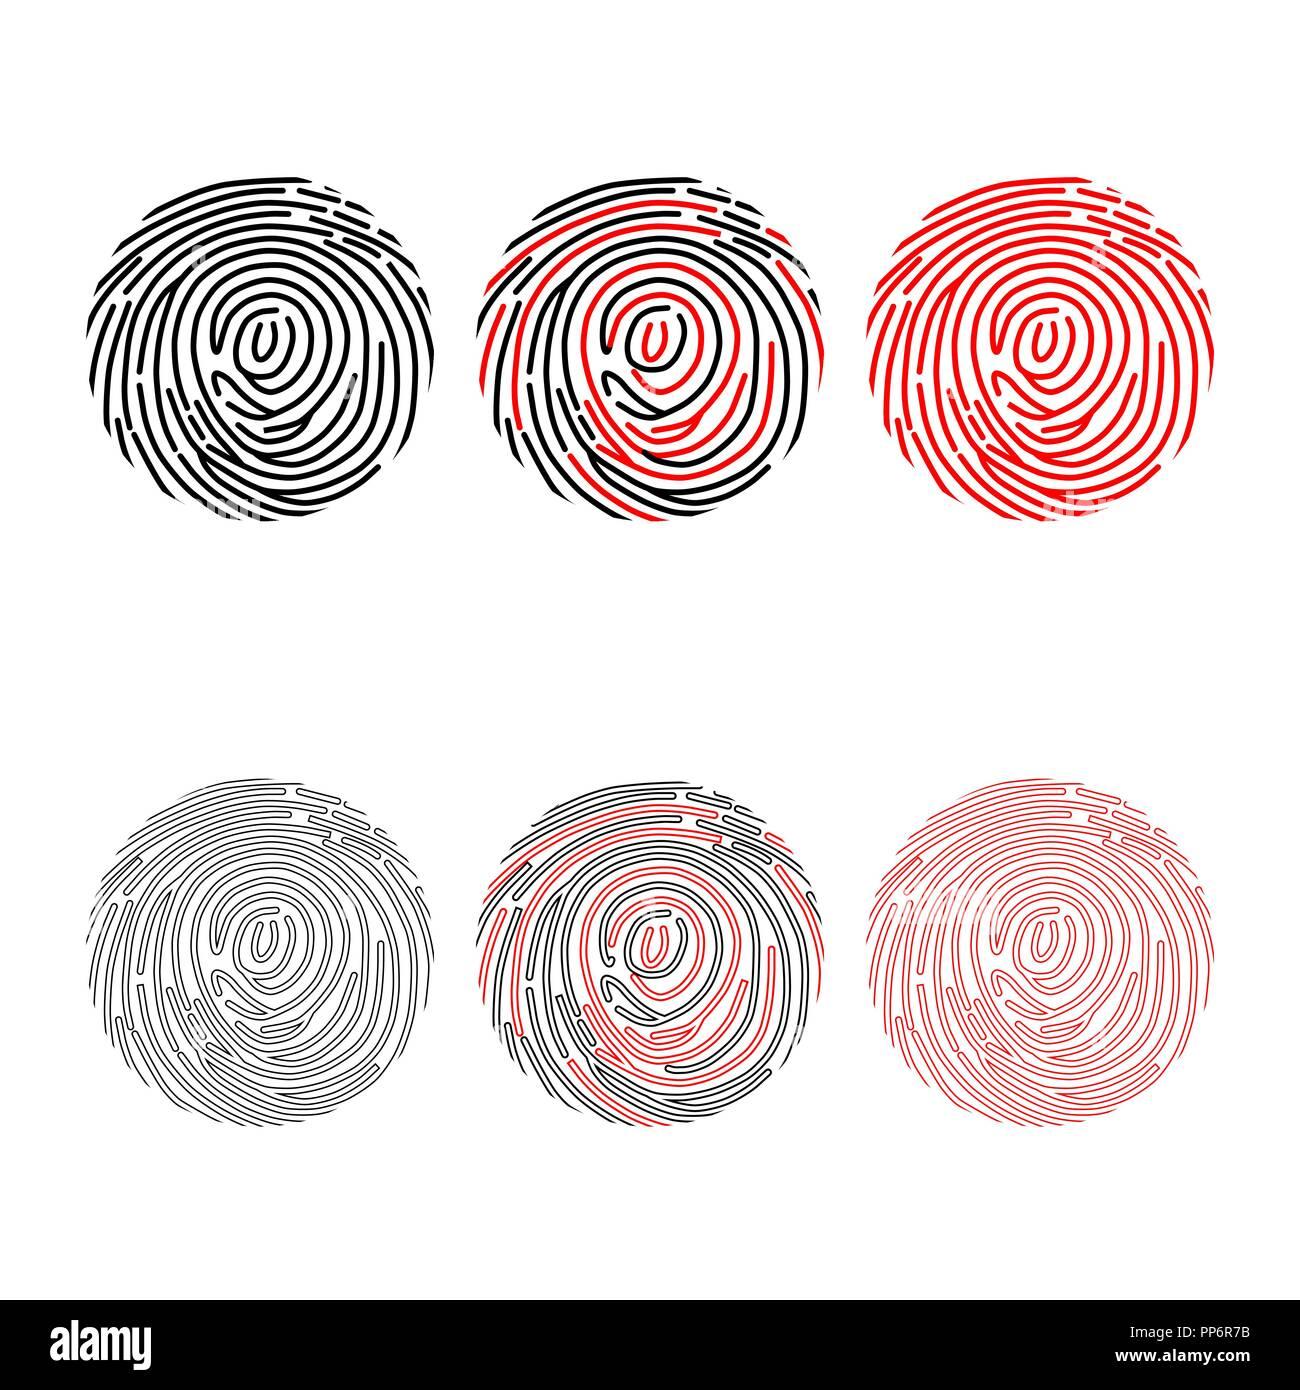 Insieme di diversi il rosso e il nero le impronte digitali isolati su sfondo bianco Immagini Stock